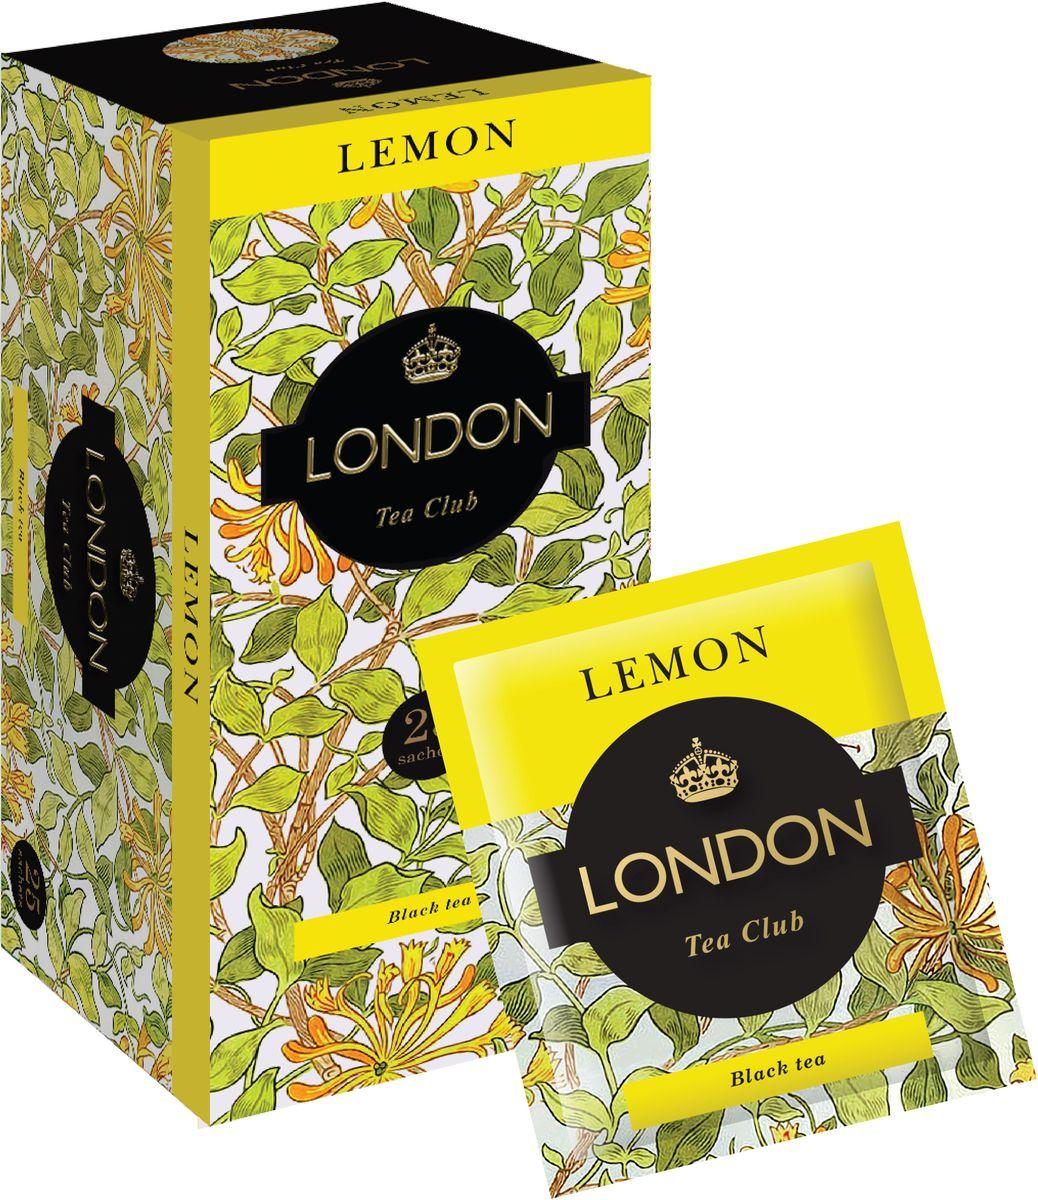 London Tea Club Лимон чай черный в пакетиках, 25 шт4607051543447Черный чай с добавлением лимона, традиционно любимый многими поклонниками чая за его крепкий насыщенный вкус и освежающий цитрусовый аромат.